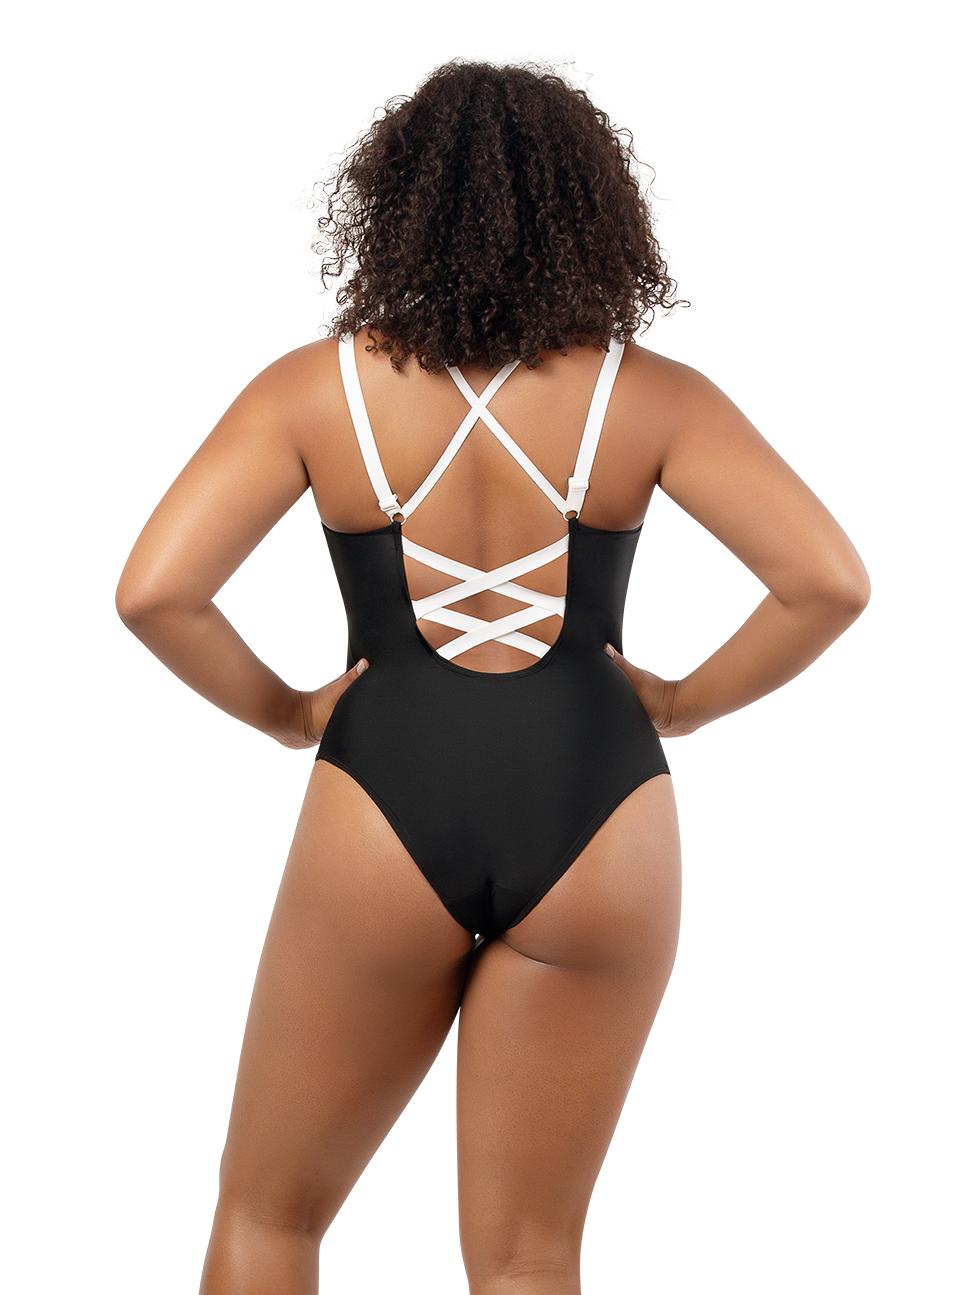 PARFAIT Lauren OnePieceSwimsuitS8226 BlackWWhite Back1 - Lauren One Piece Swimsuit Black w White S8226